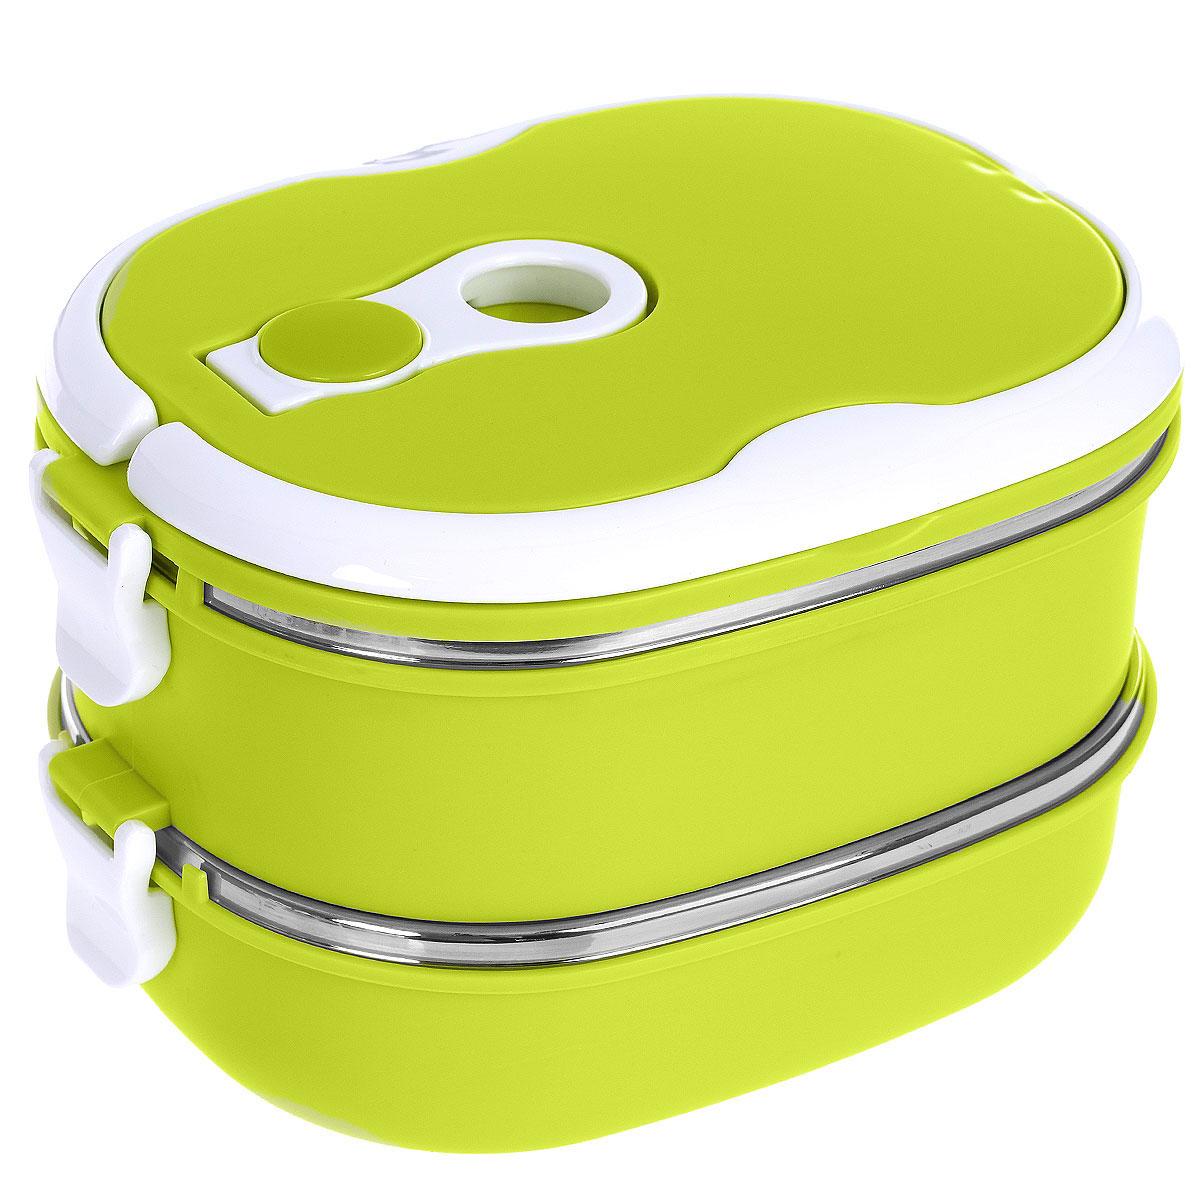 Термо ланч-бокс двойной Bradex Bento, цвет: зеленый, 1,5 л monbento ланч бокс mb original 1 л зеленый белый 18 5х9 4х10 см